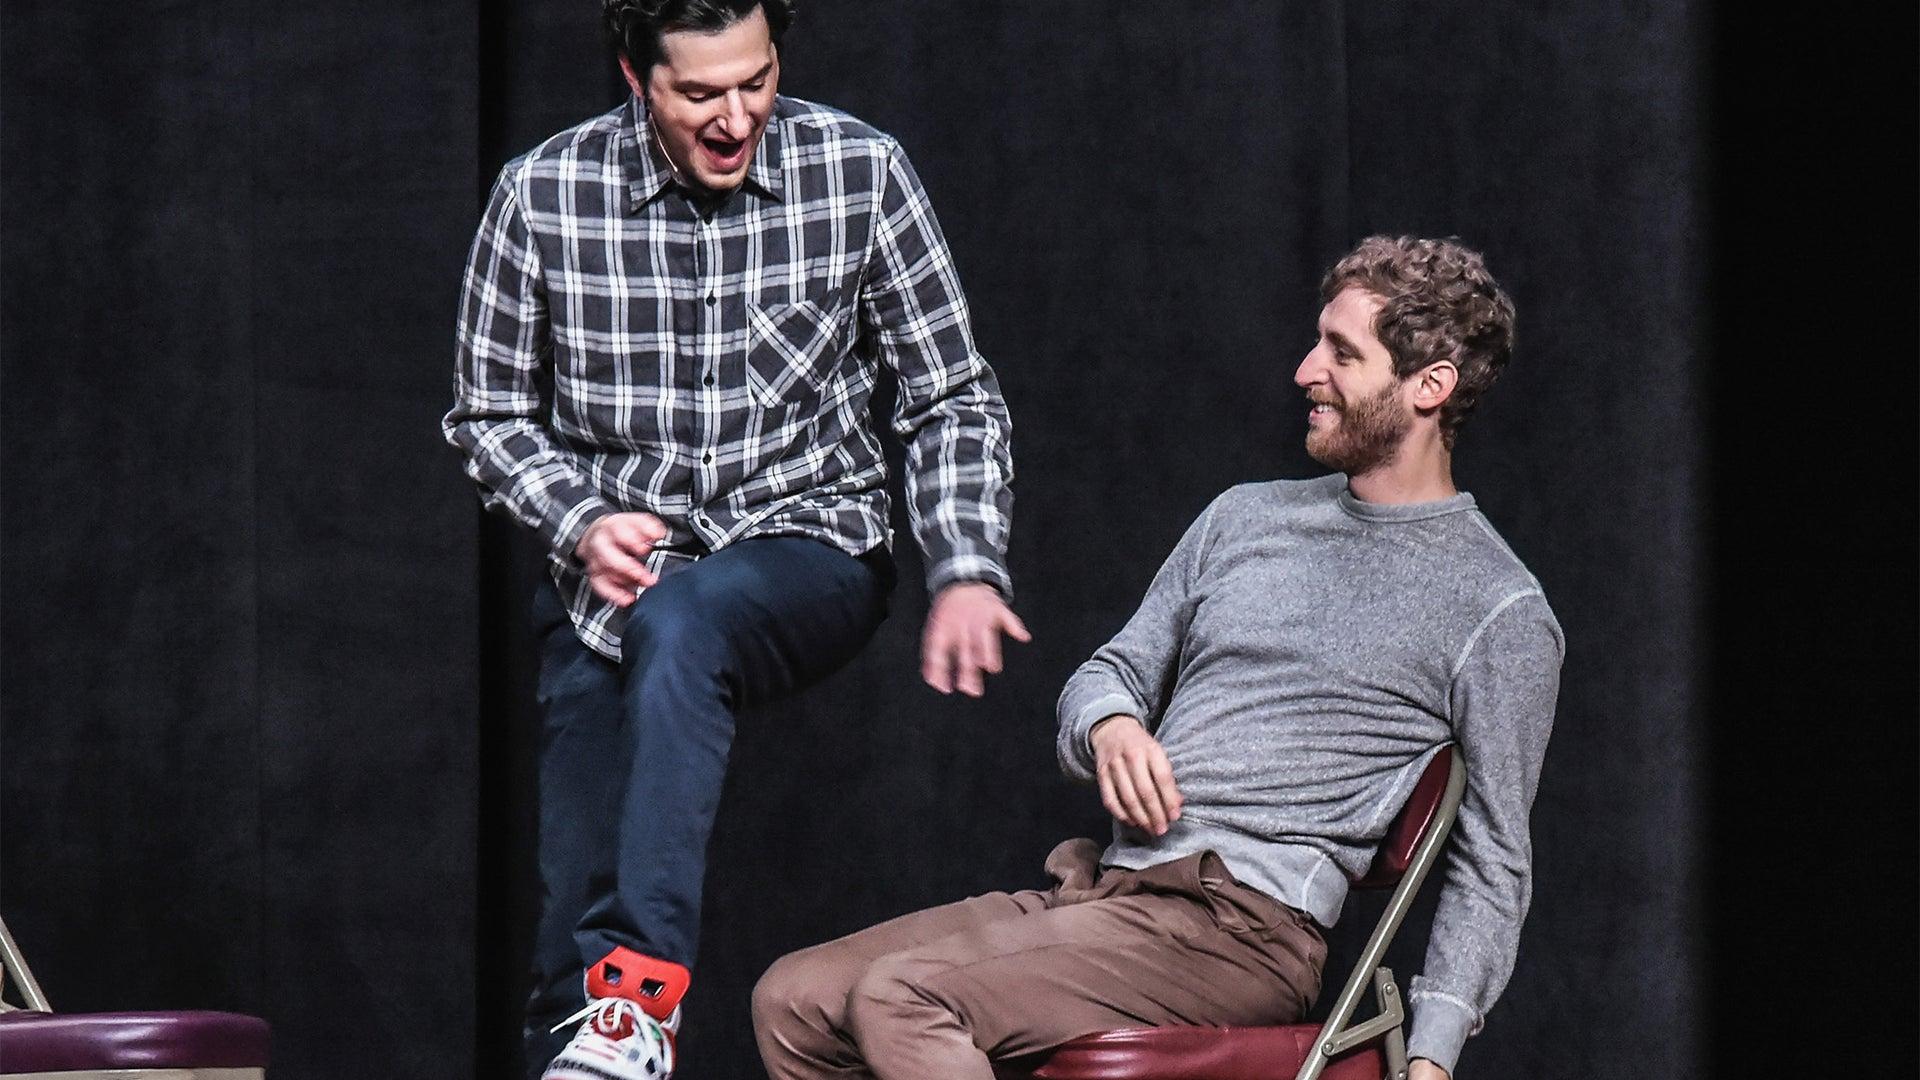 Ben Schwartz and Thomas Middleditch